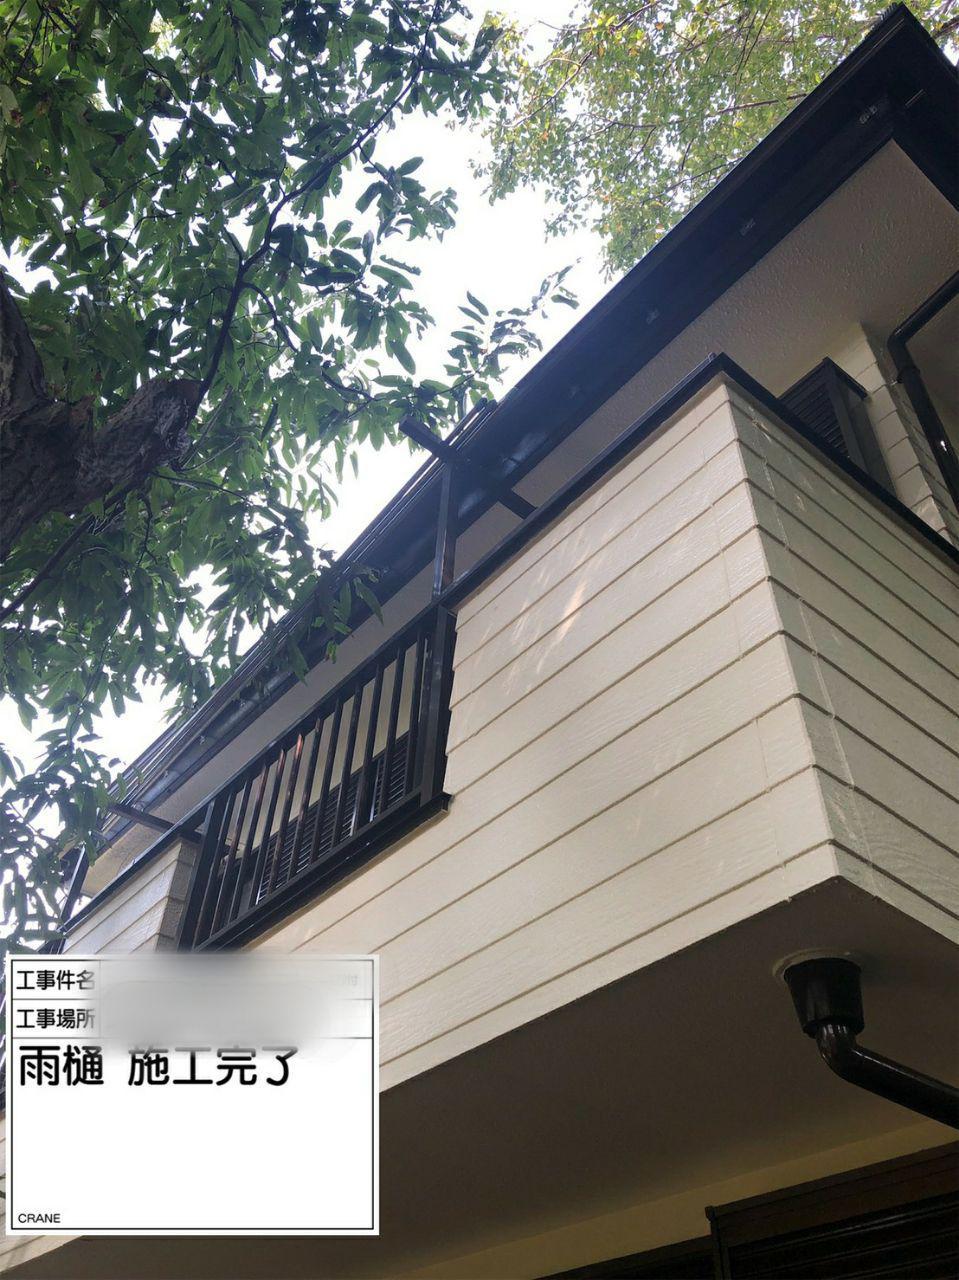 武蔵村山市で屋根外壁塗装と雨樋交換工事のご報告 地震火災保険活用